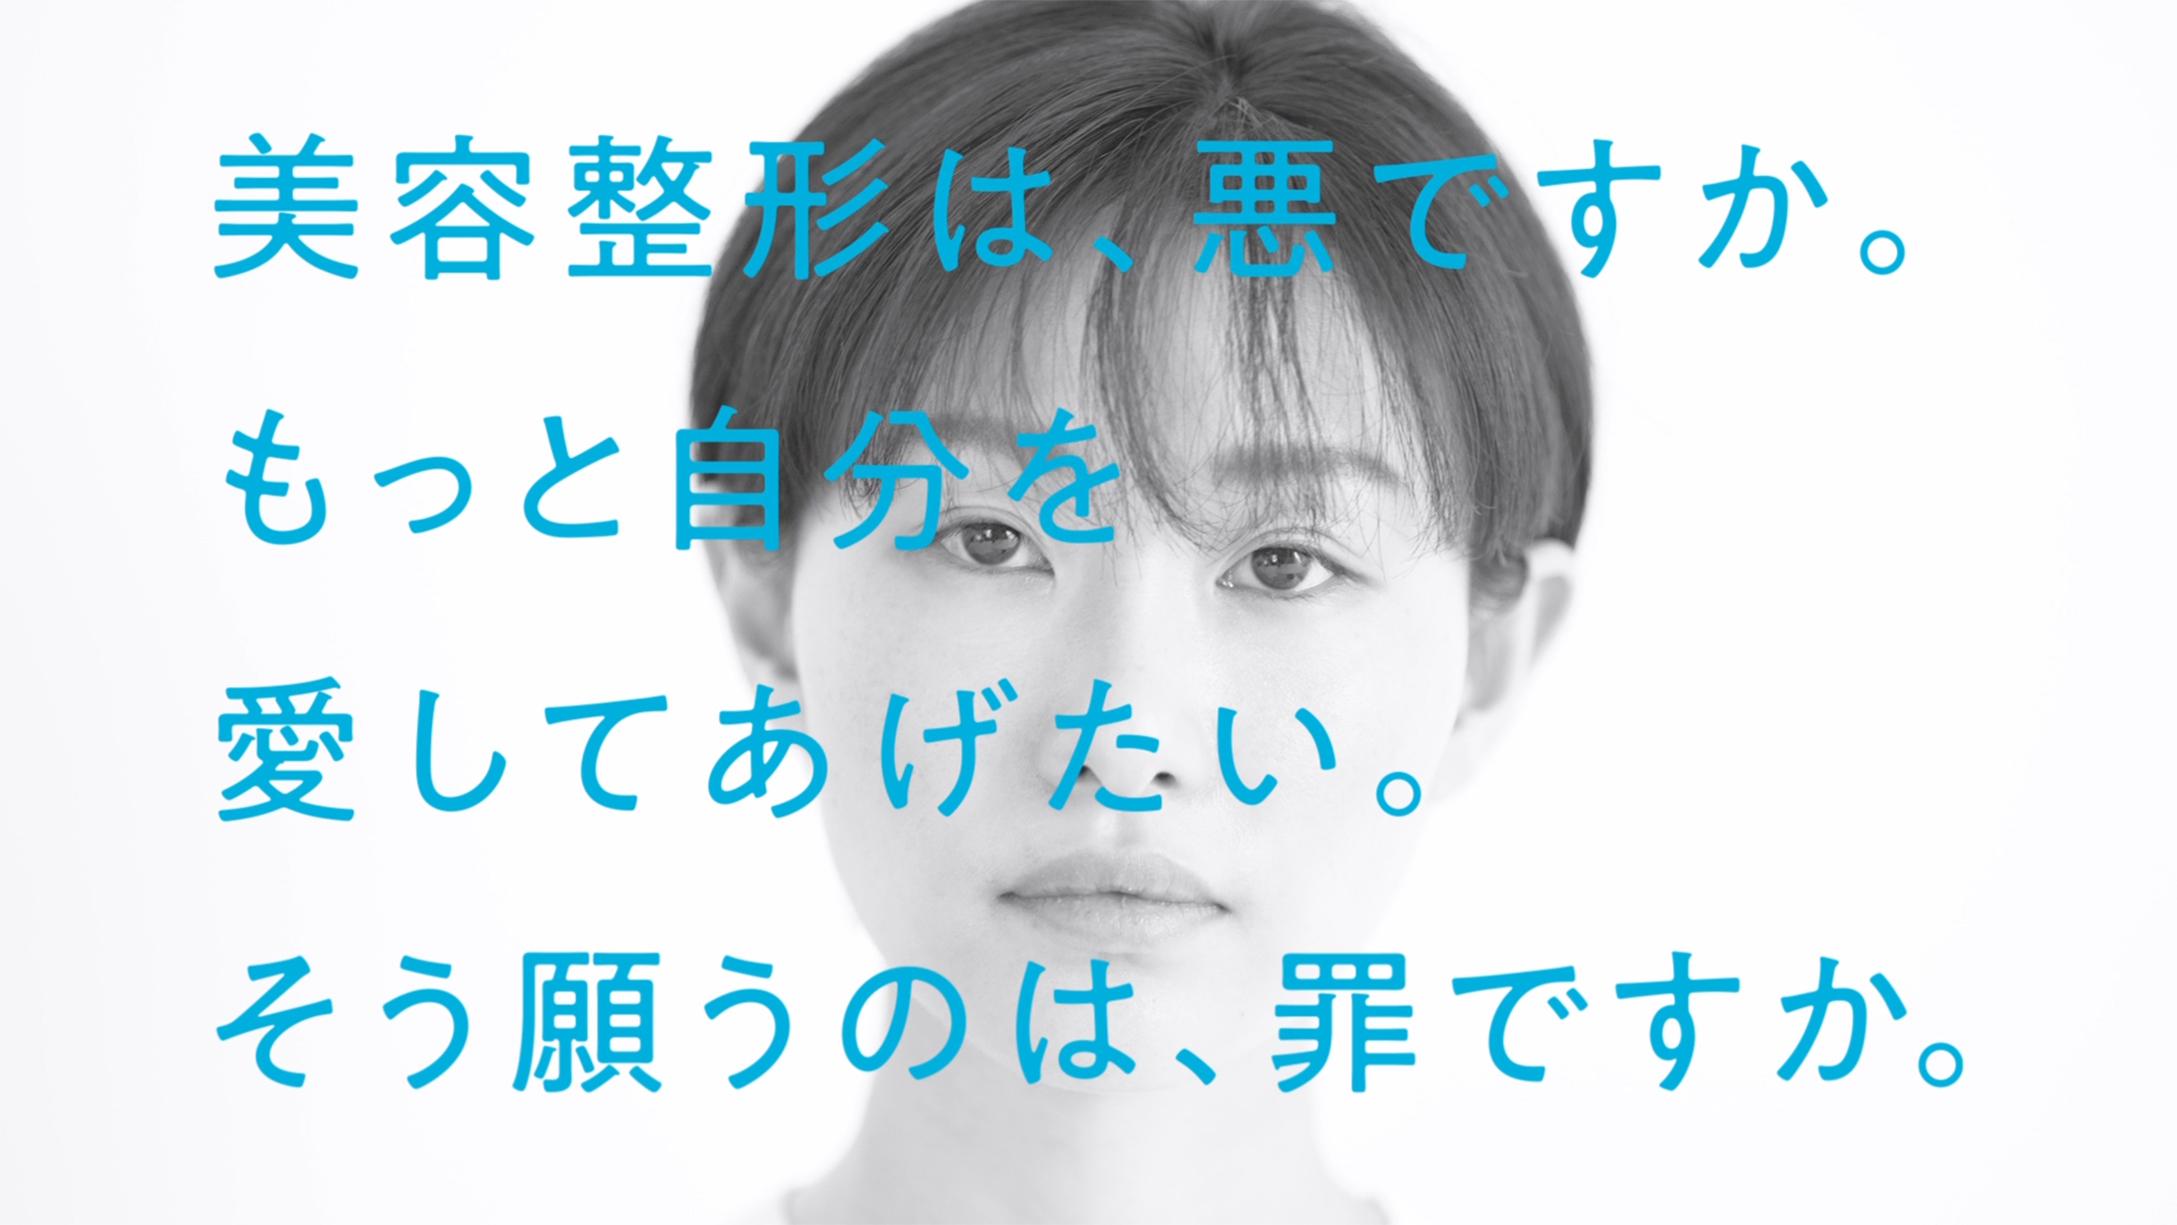 12096_seishin_01